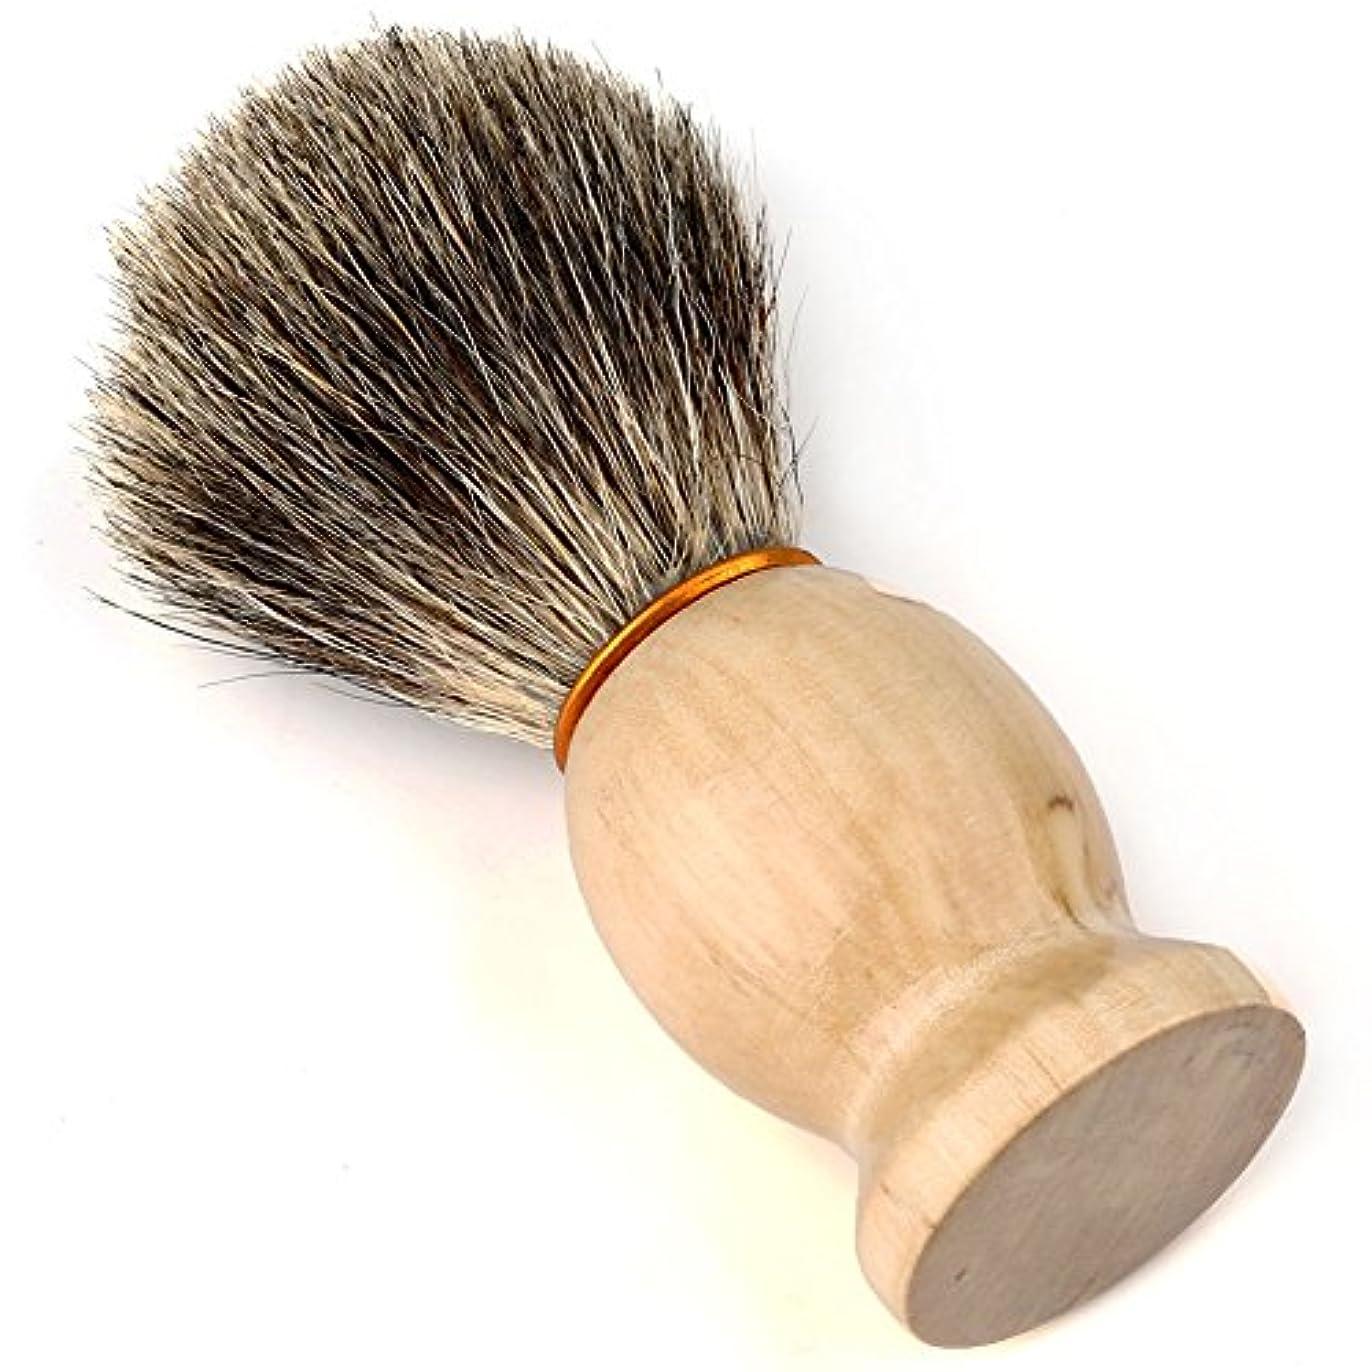 売上高ふけるお酢Easy Raku®ひげブラシ シェービングブラシ アナグマ毛 髭剃り 泡立ち メンズ シェービングブラシ(ブラシだけ)